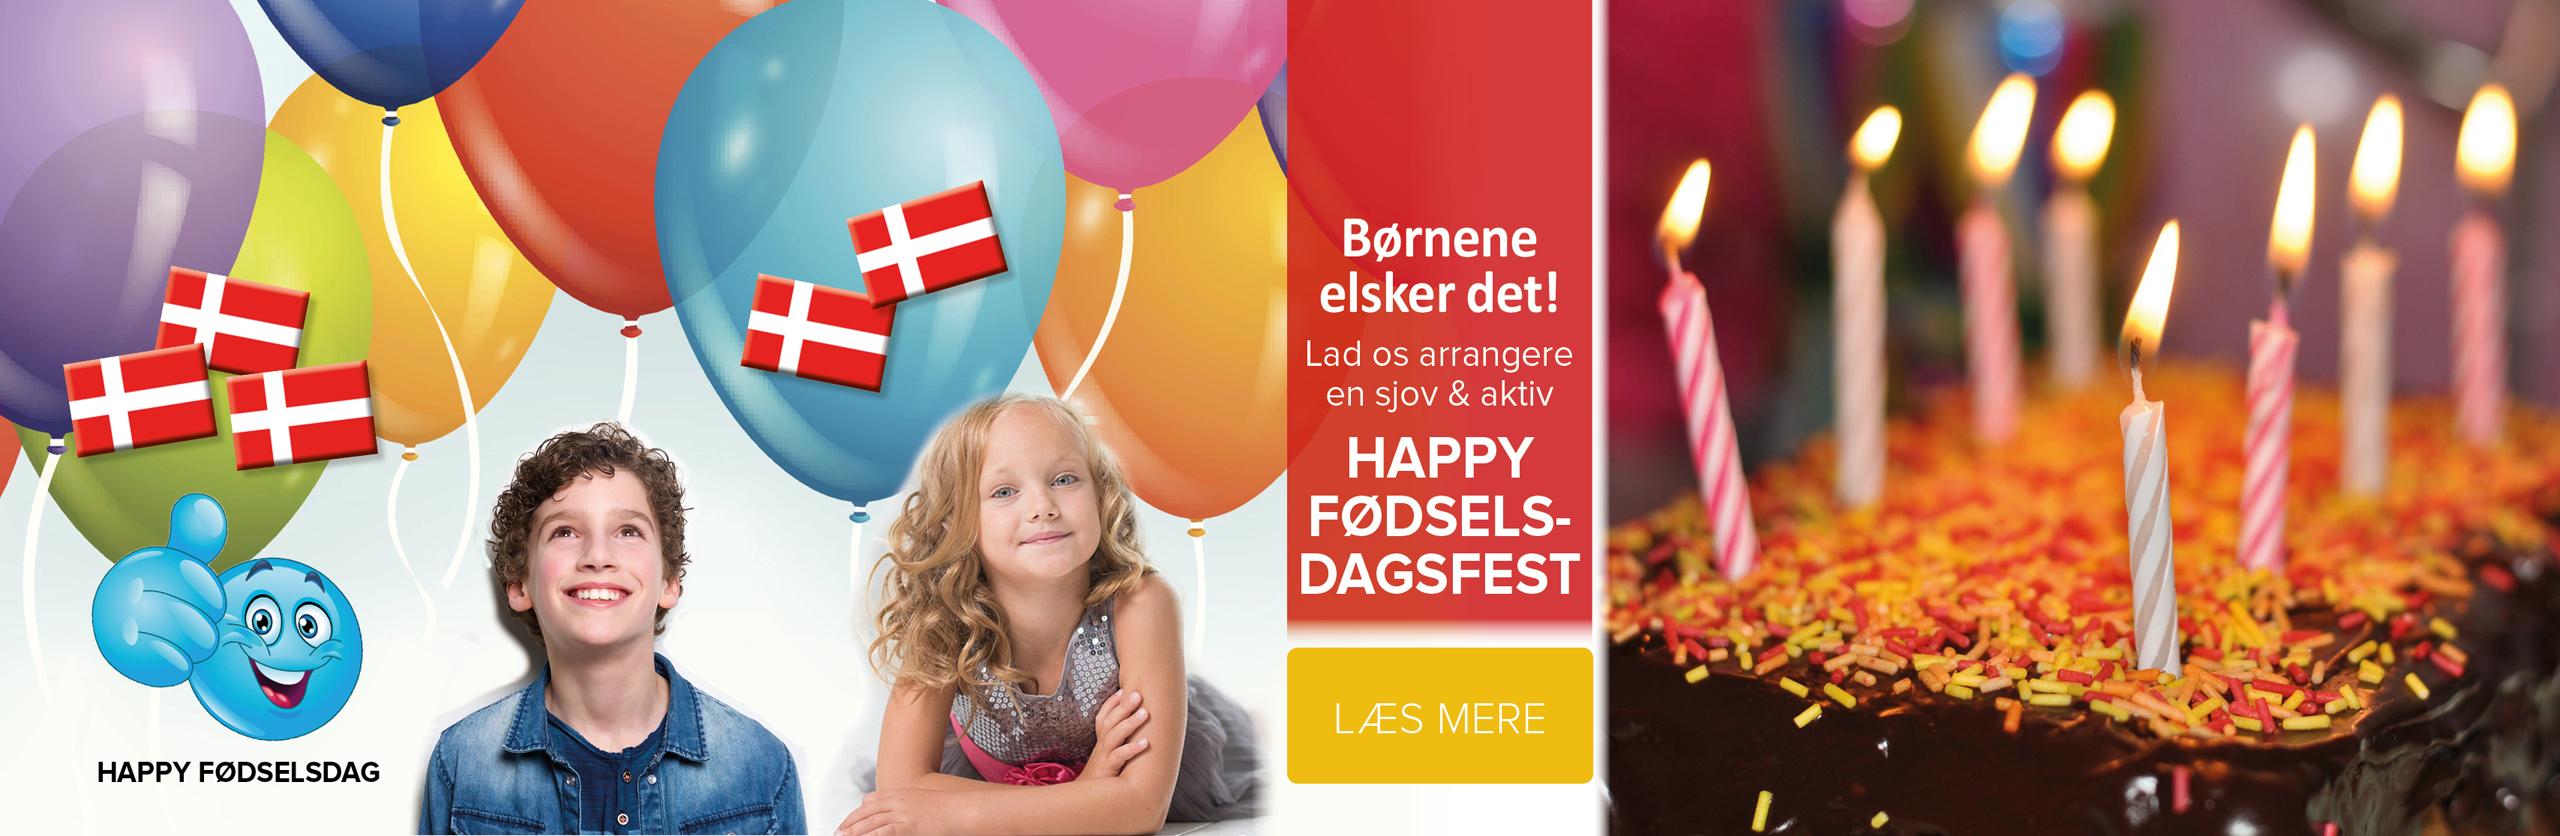 Happy børnefødselsdag i Tarm Idrætscenter